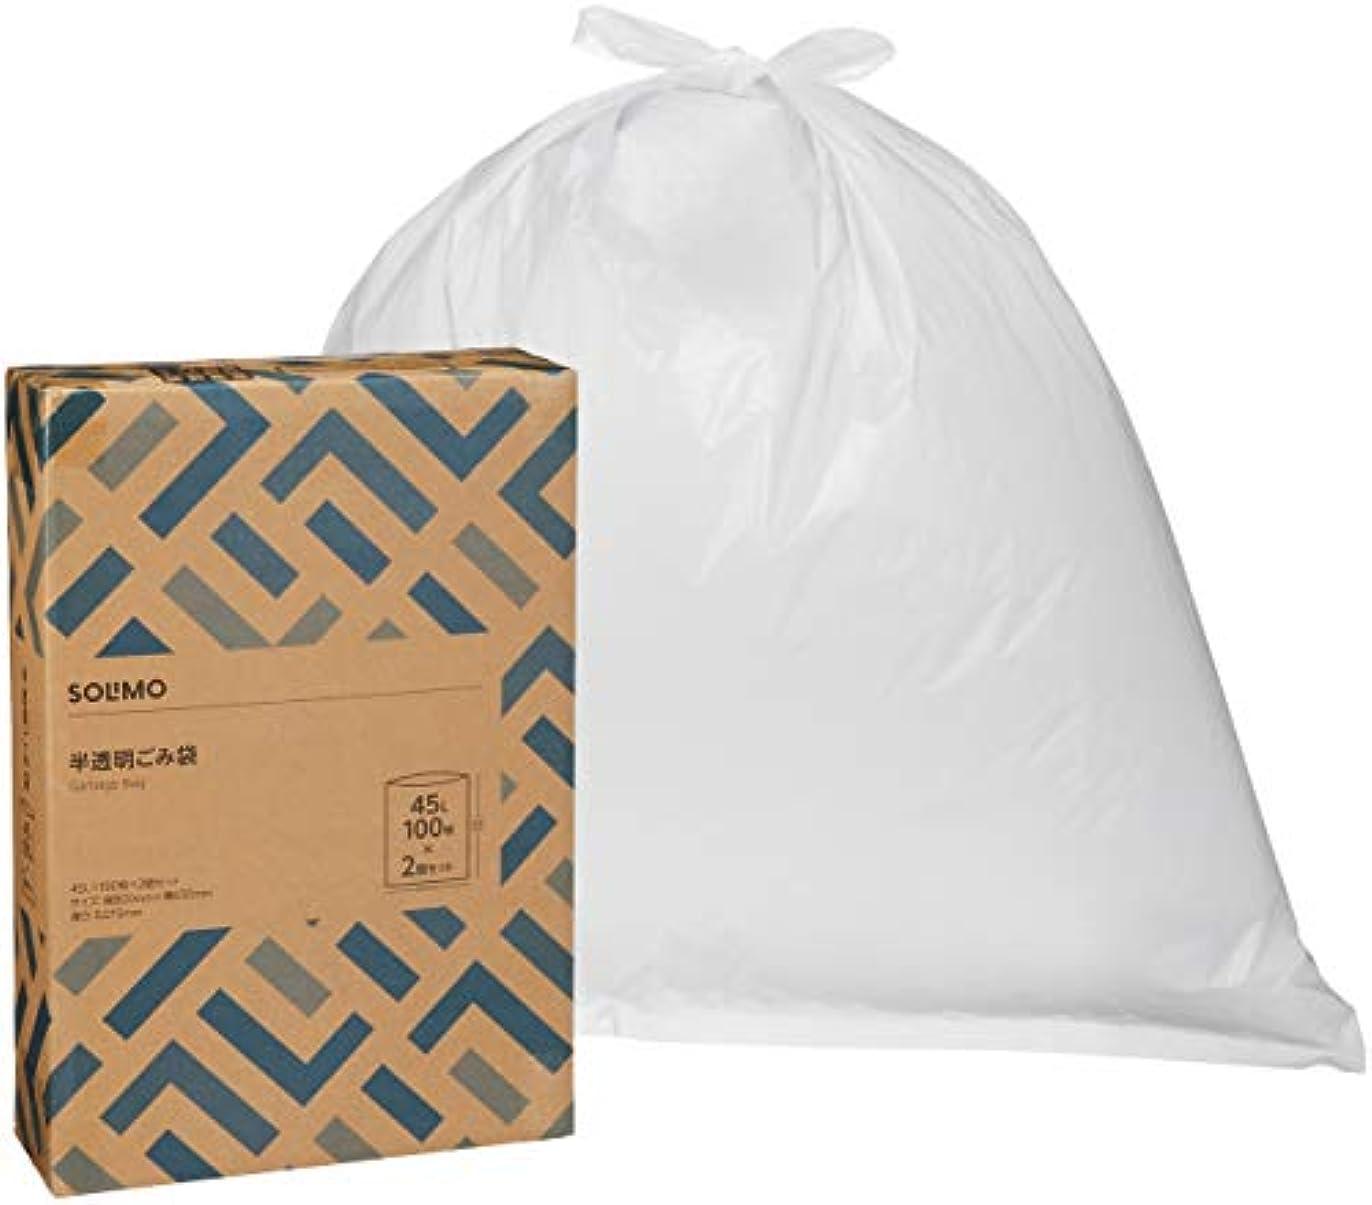 パステル誓う精算[Amazonブランド]SOLIMO ごみ袋 半透明 45L 100枚 x2個セット(200枚)